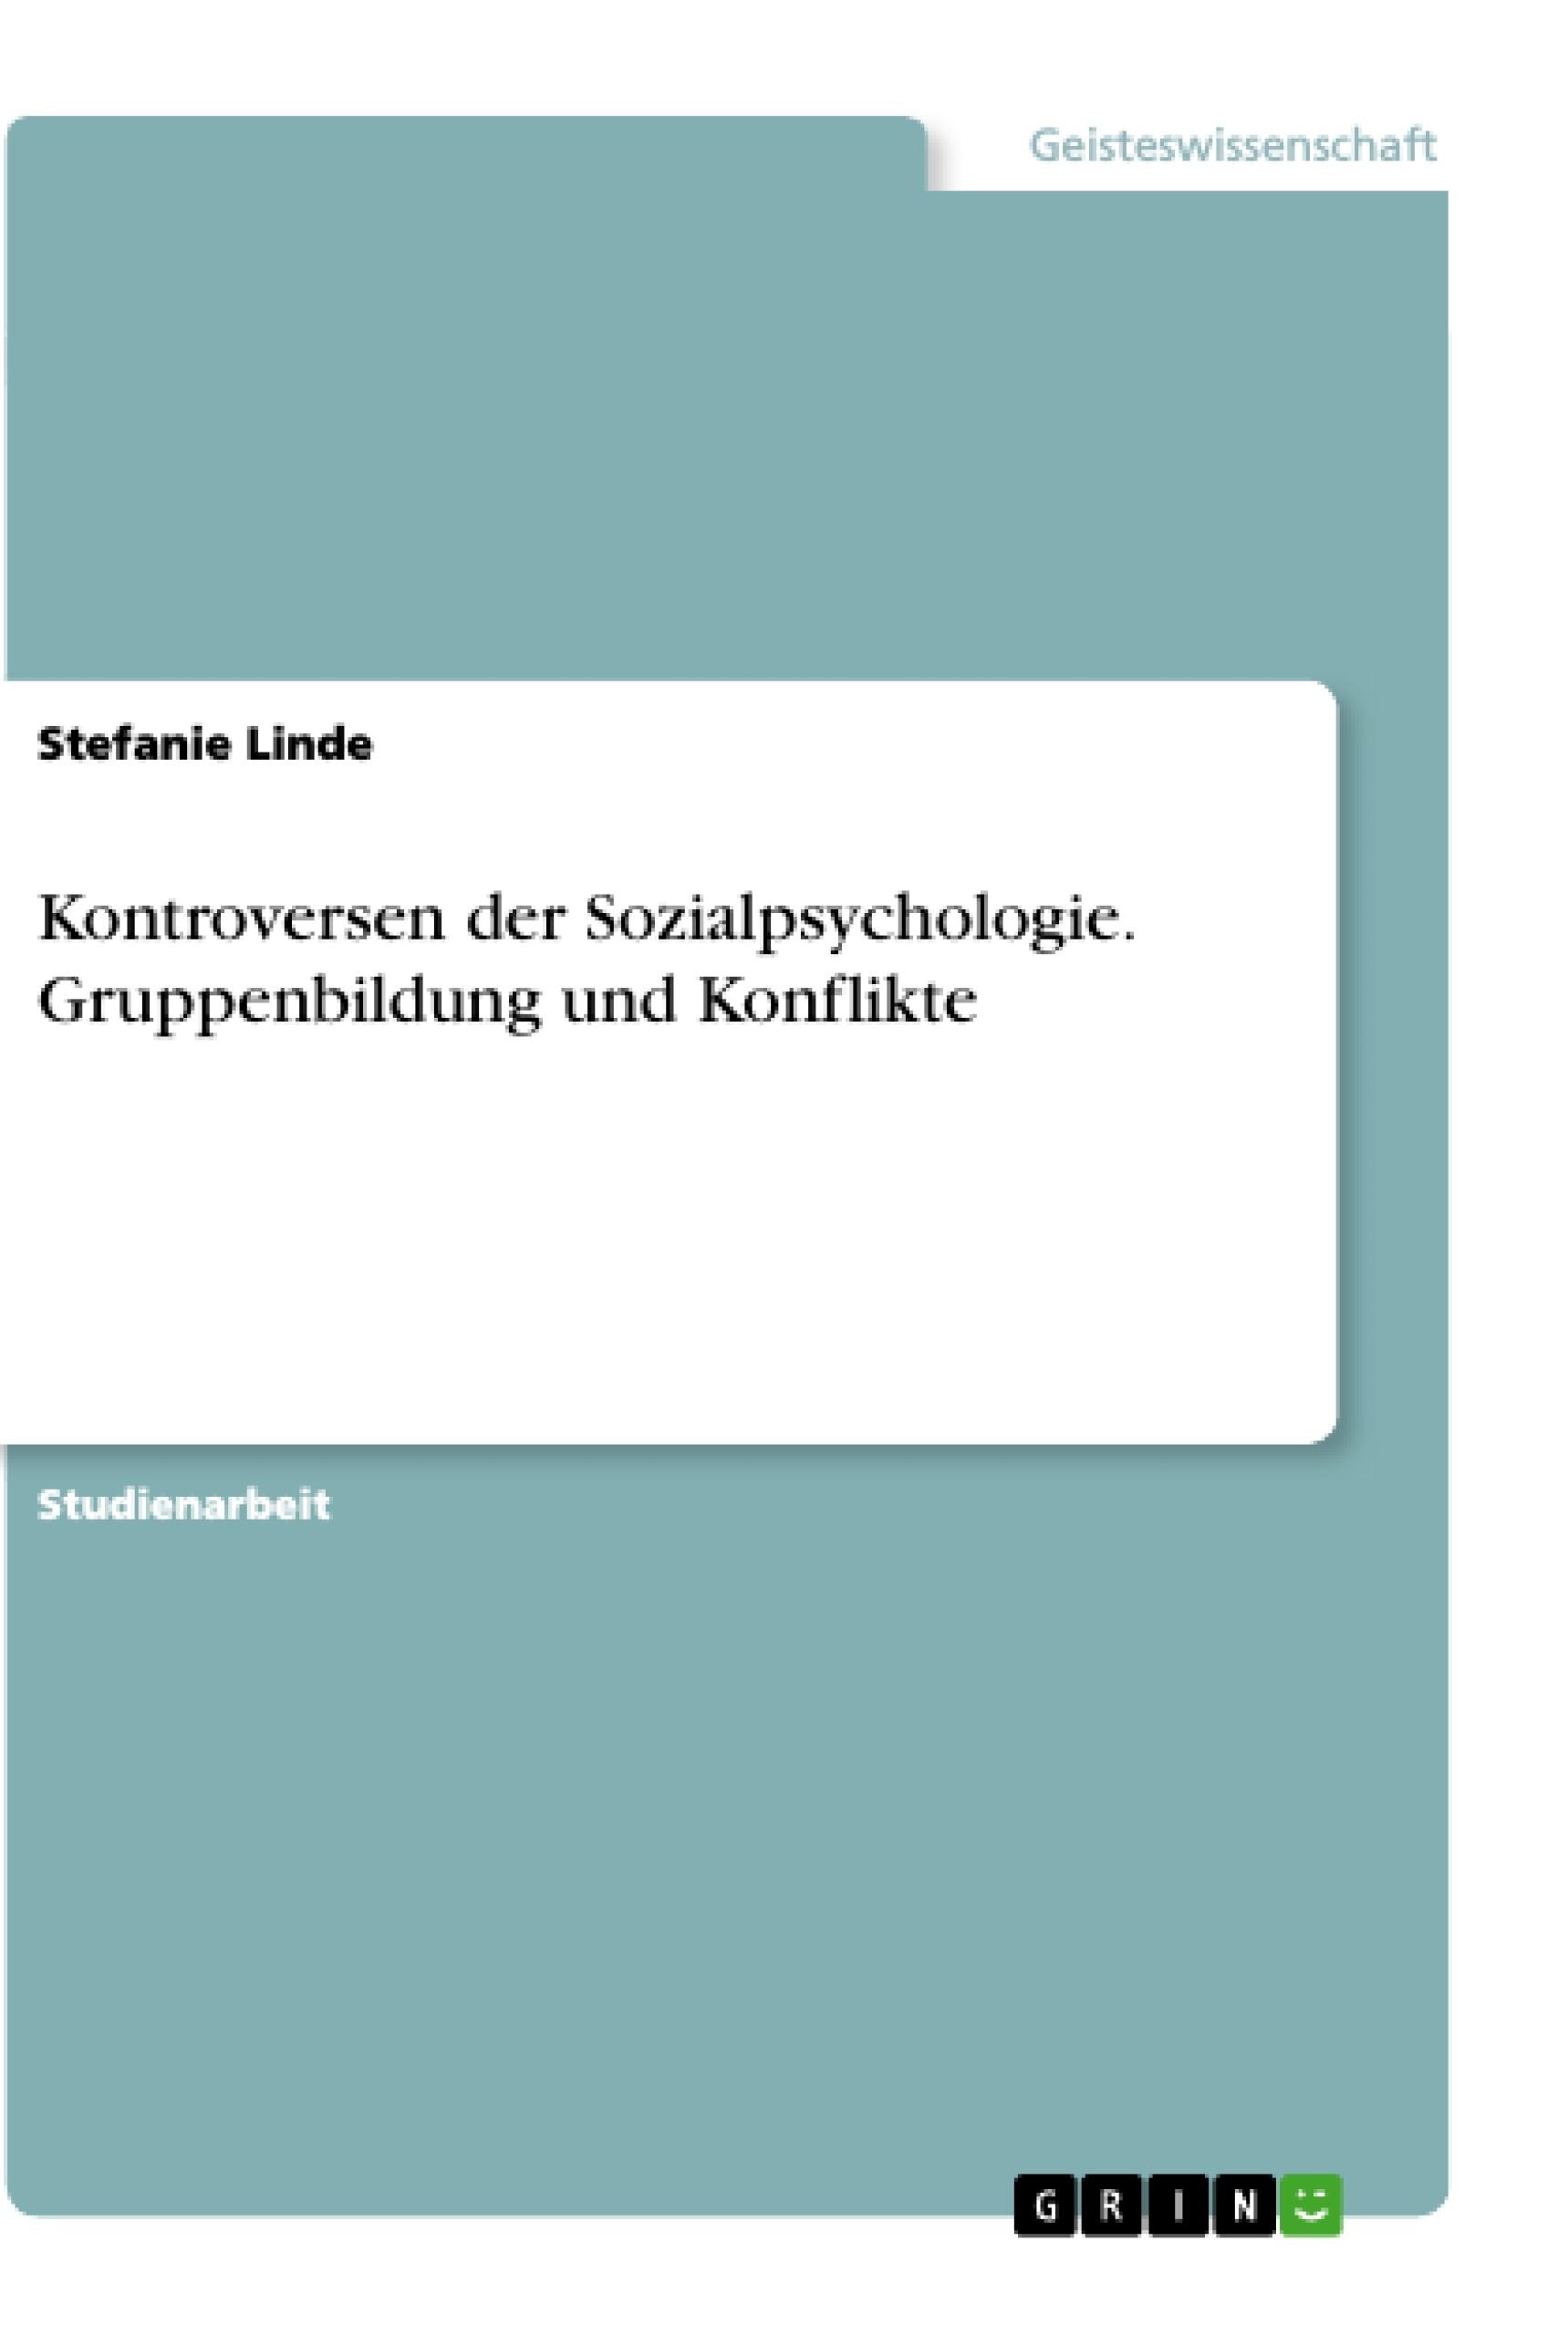 Titel: Kontroversen der Sozialpsychologie. Gruppenbildung und Konflikte